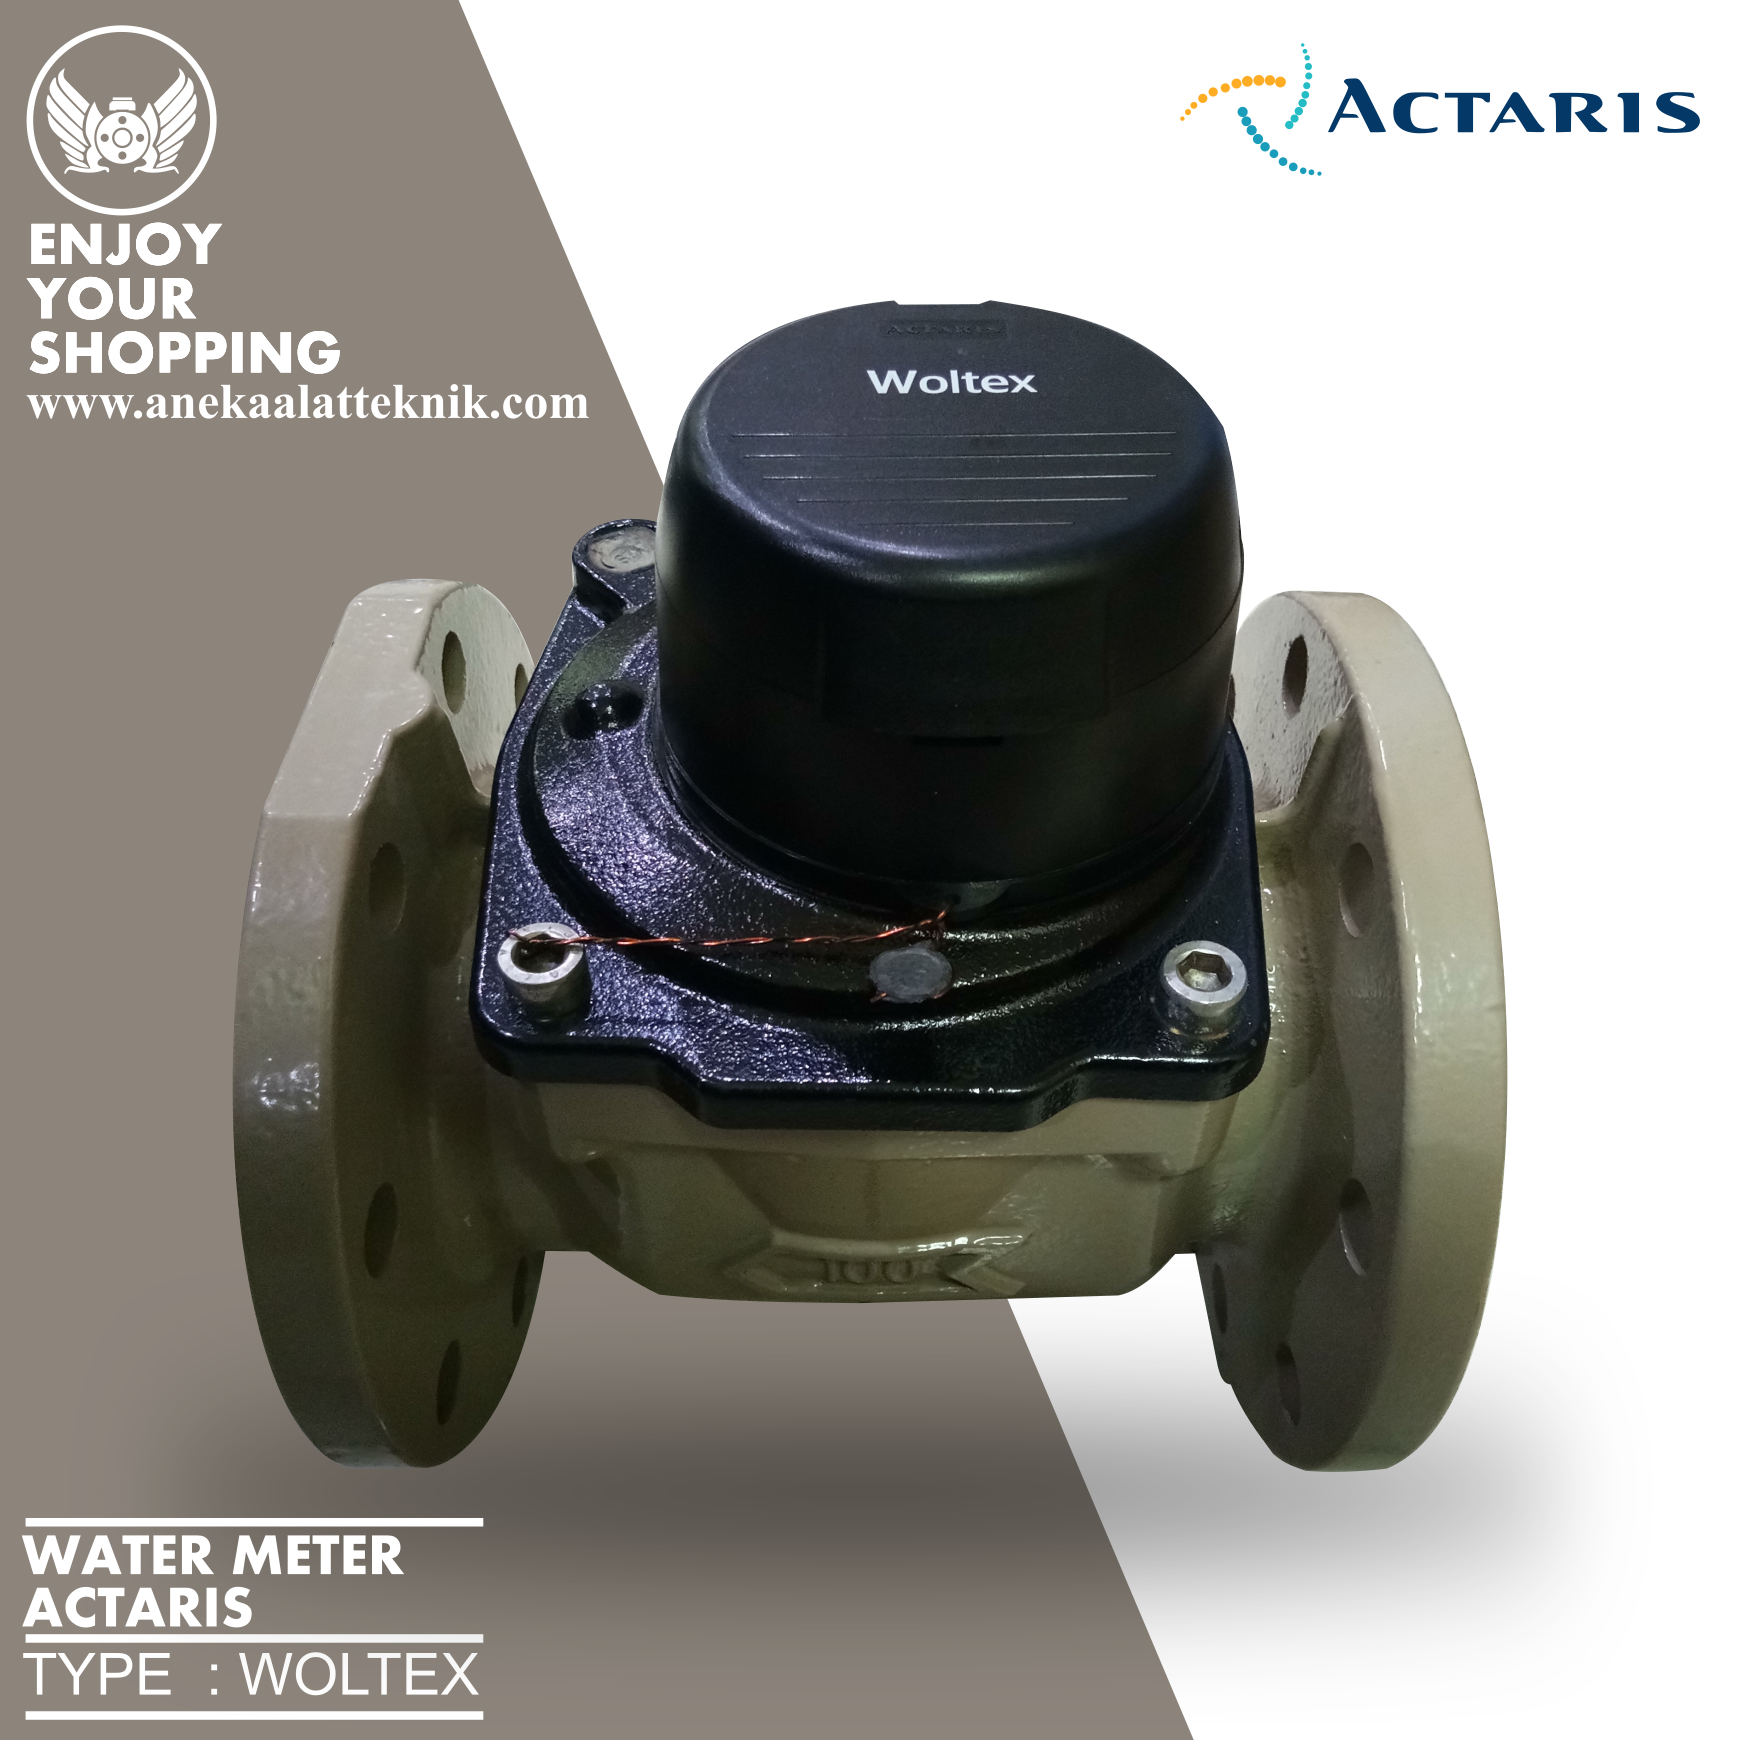 water meter actaris